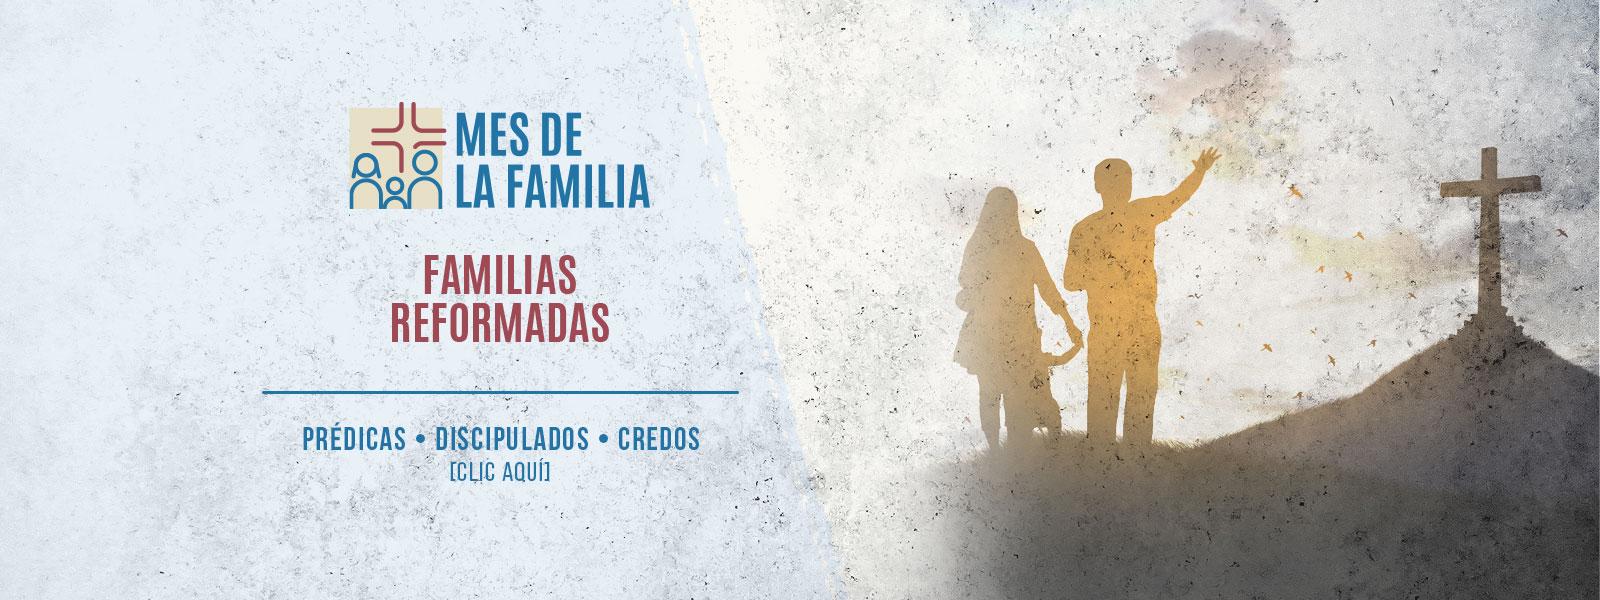 Iglesia Gracia Sobre Gracia | Mes de la Familia